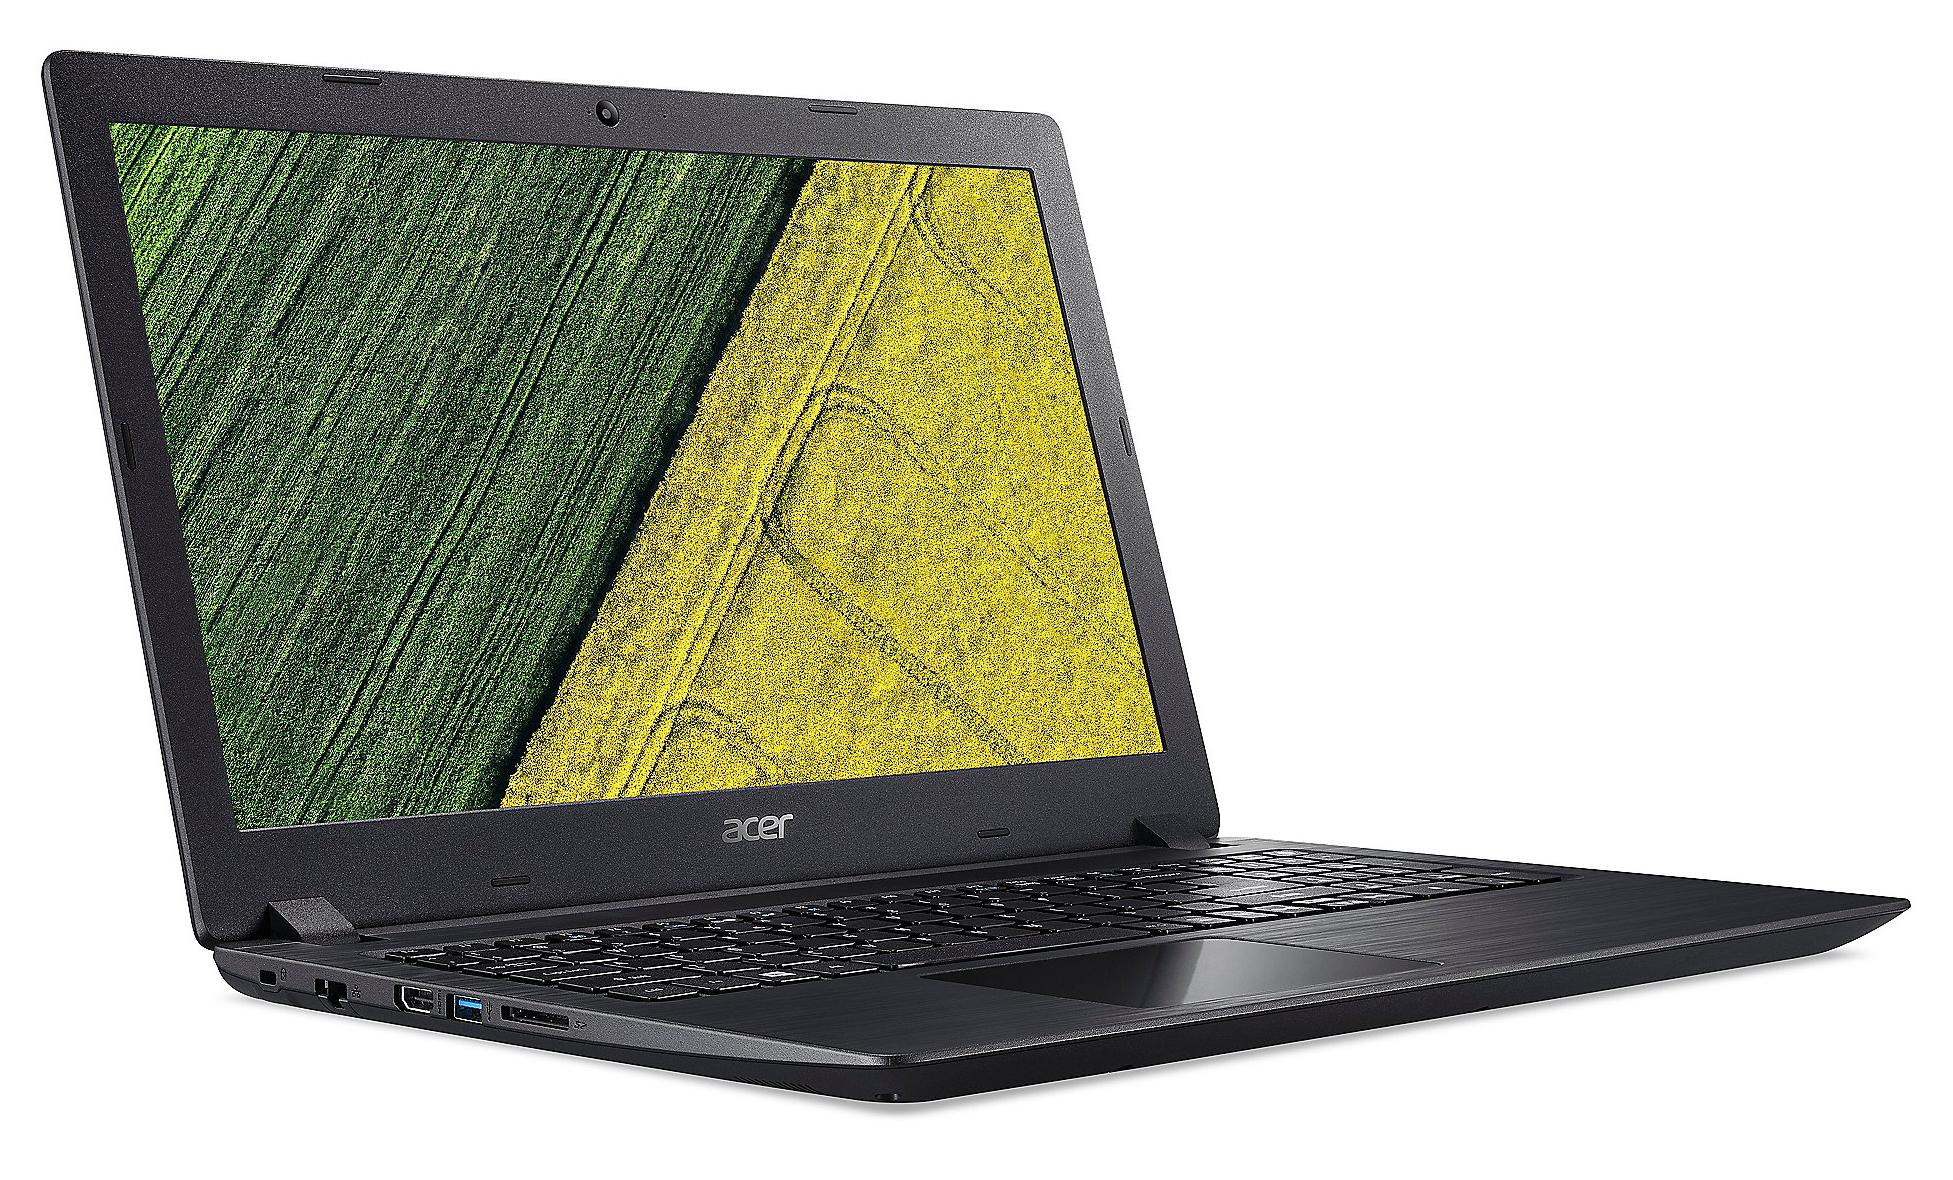 Acer Aspire 4535 Notebook Realtek Card Reader Driver PC